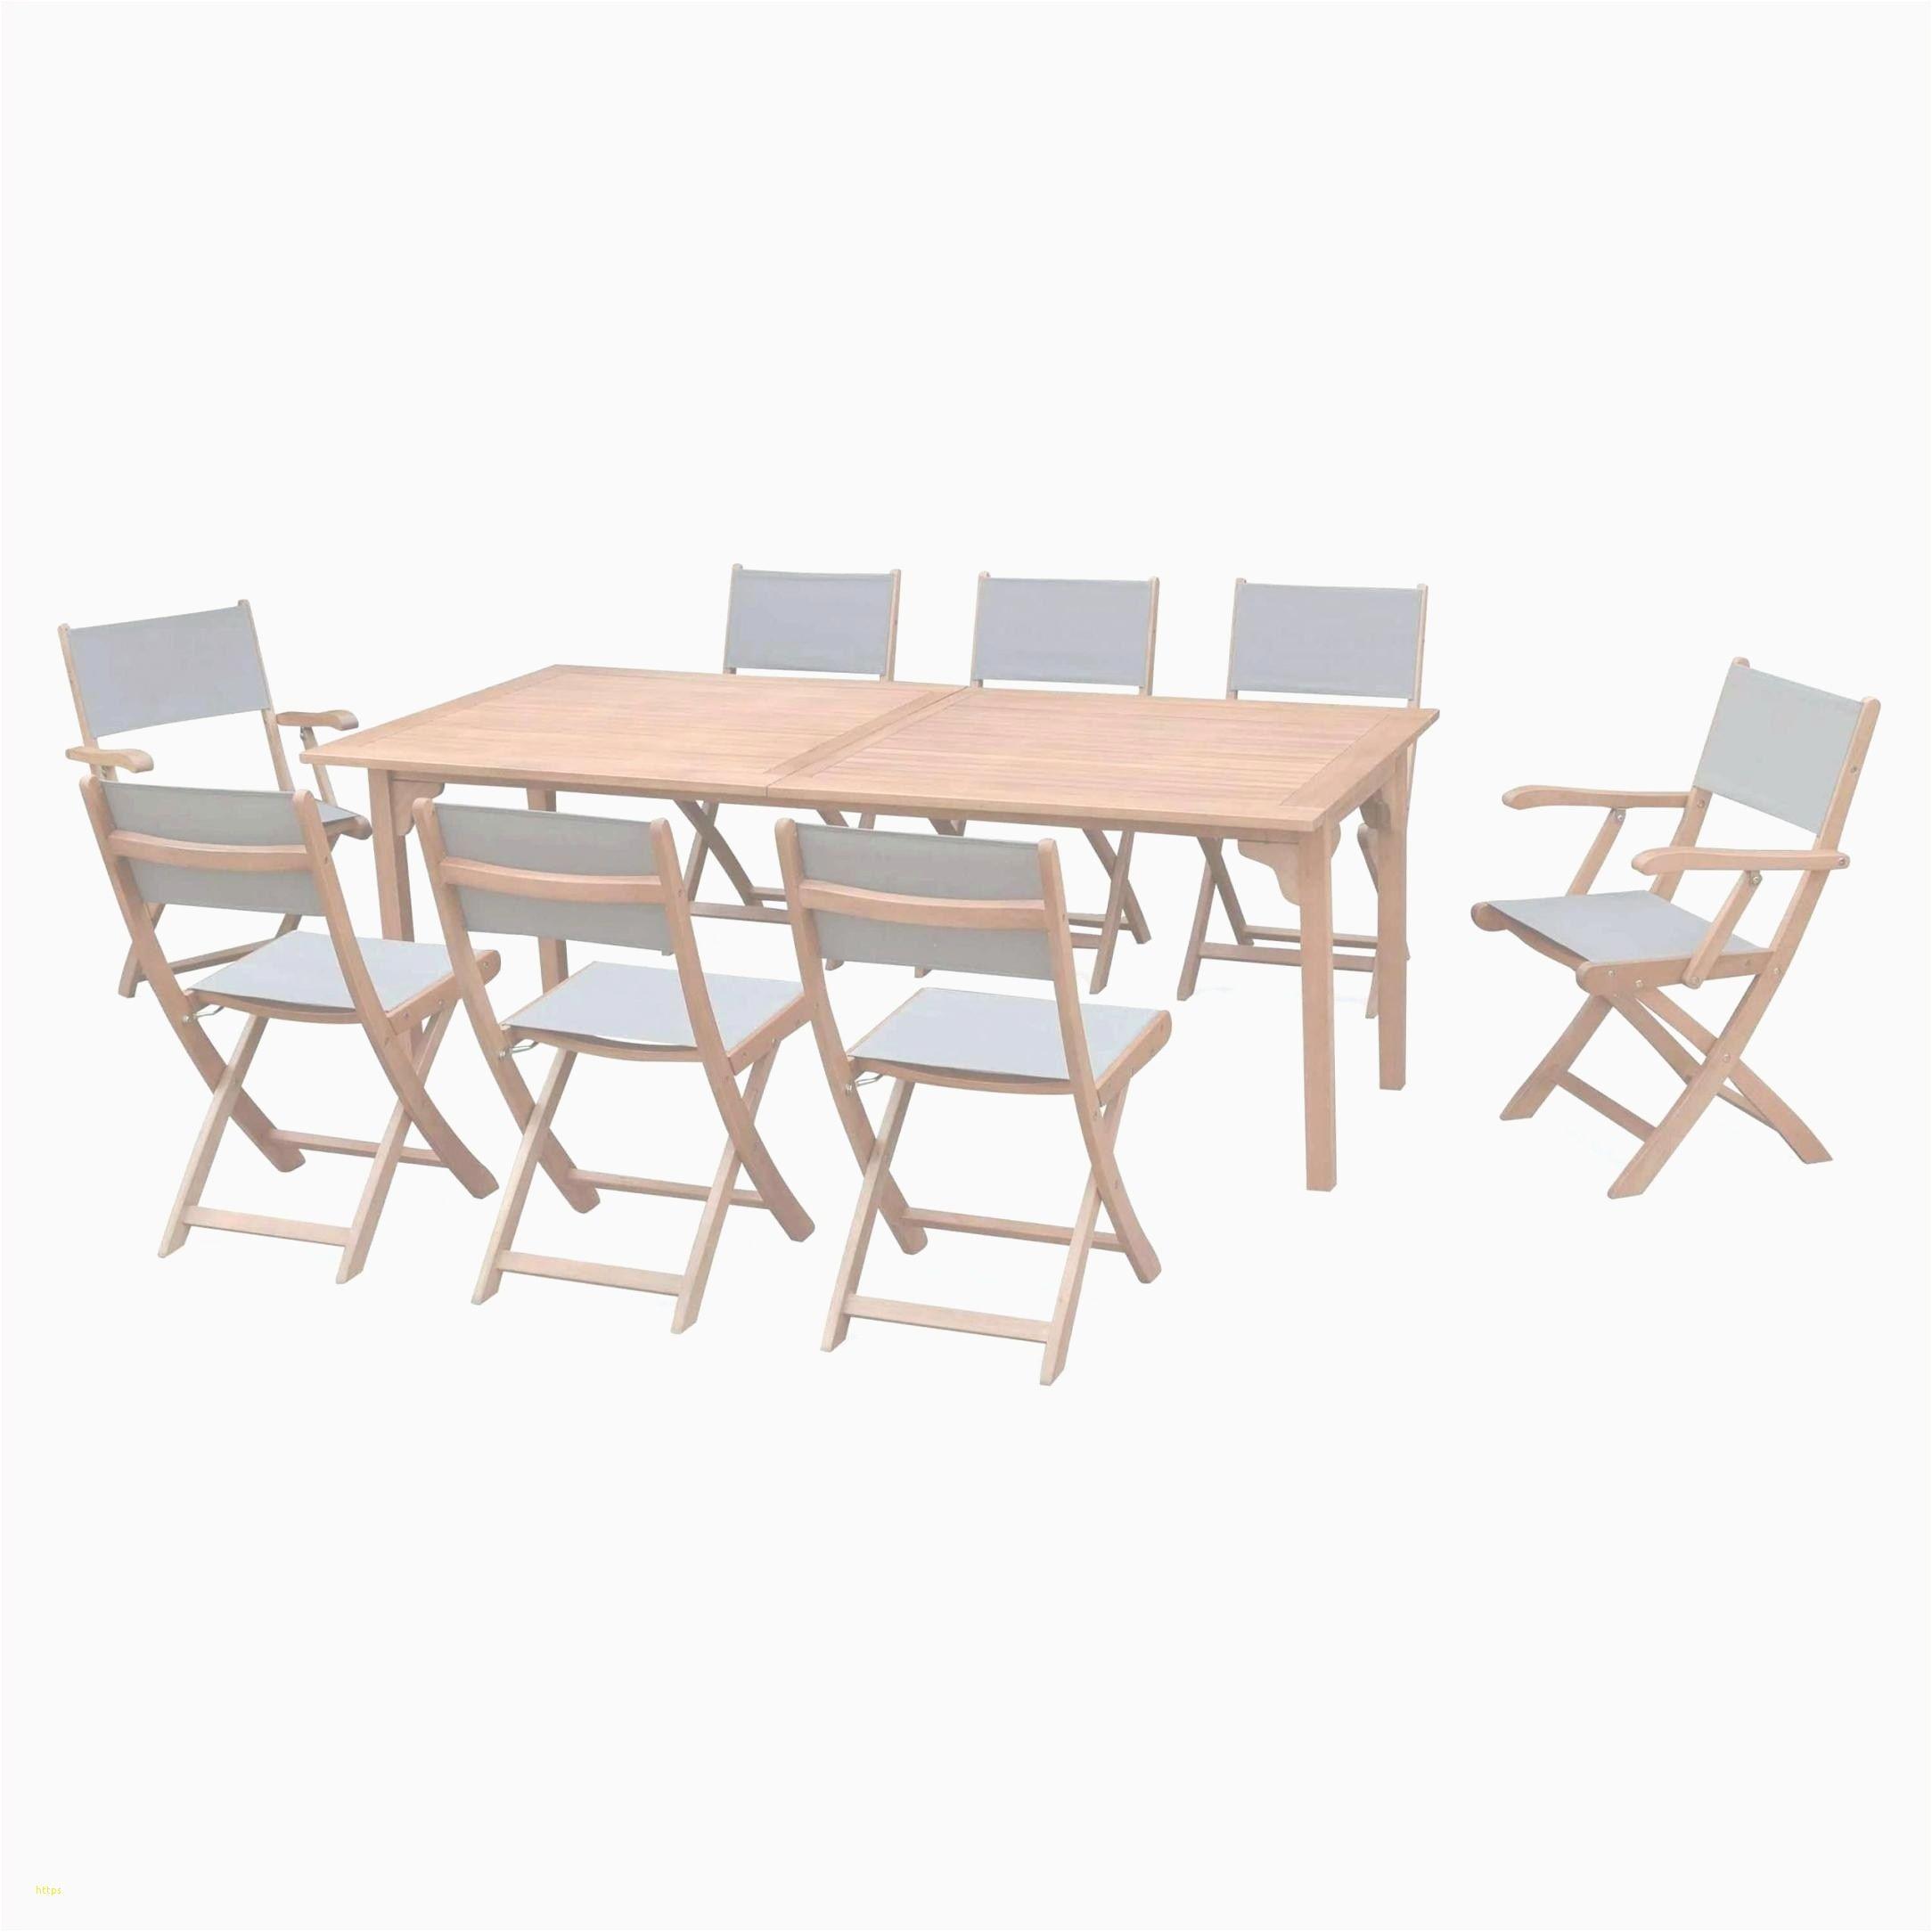 Table De Jardin Pliante Carrefour Tablesalon Table De Jardin Pliante Table Salon De Jardin Et Table Salon